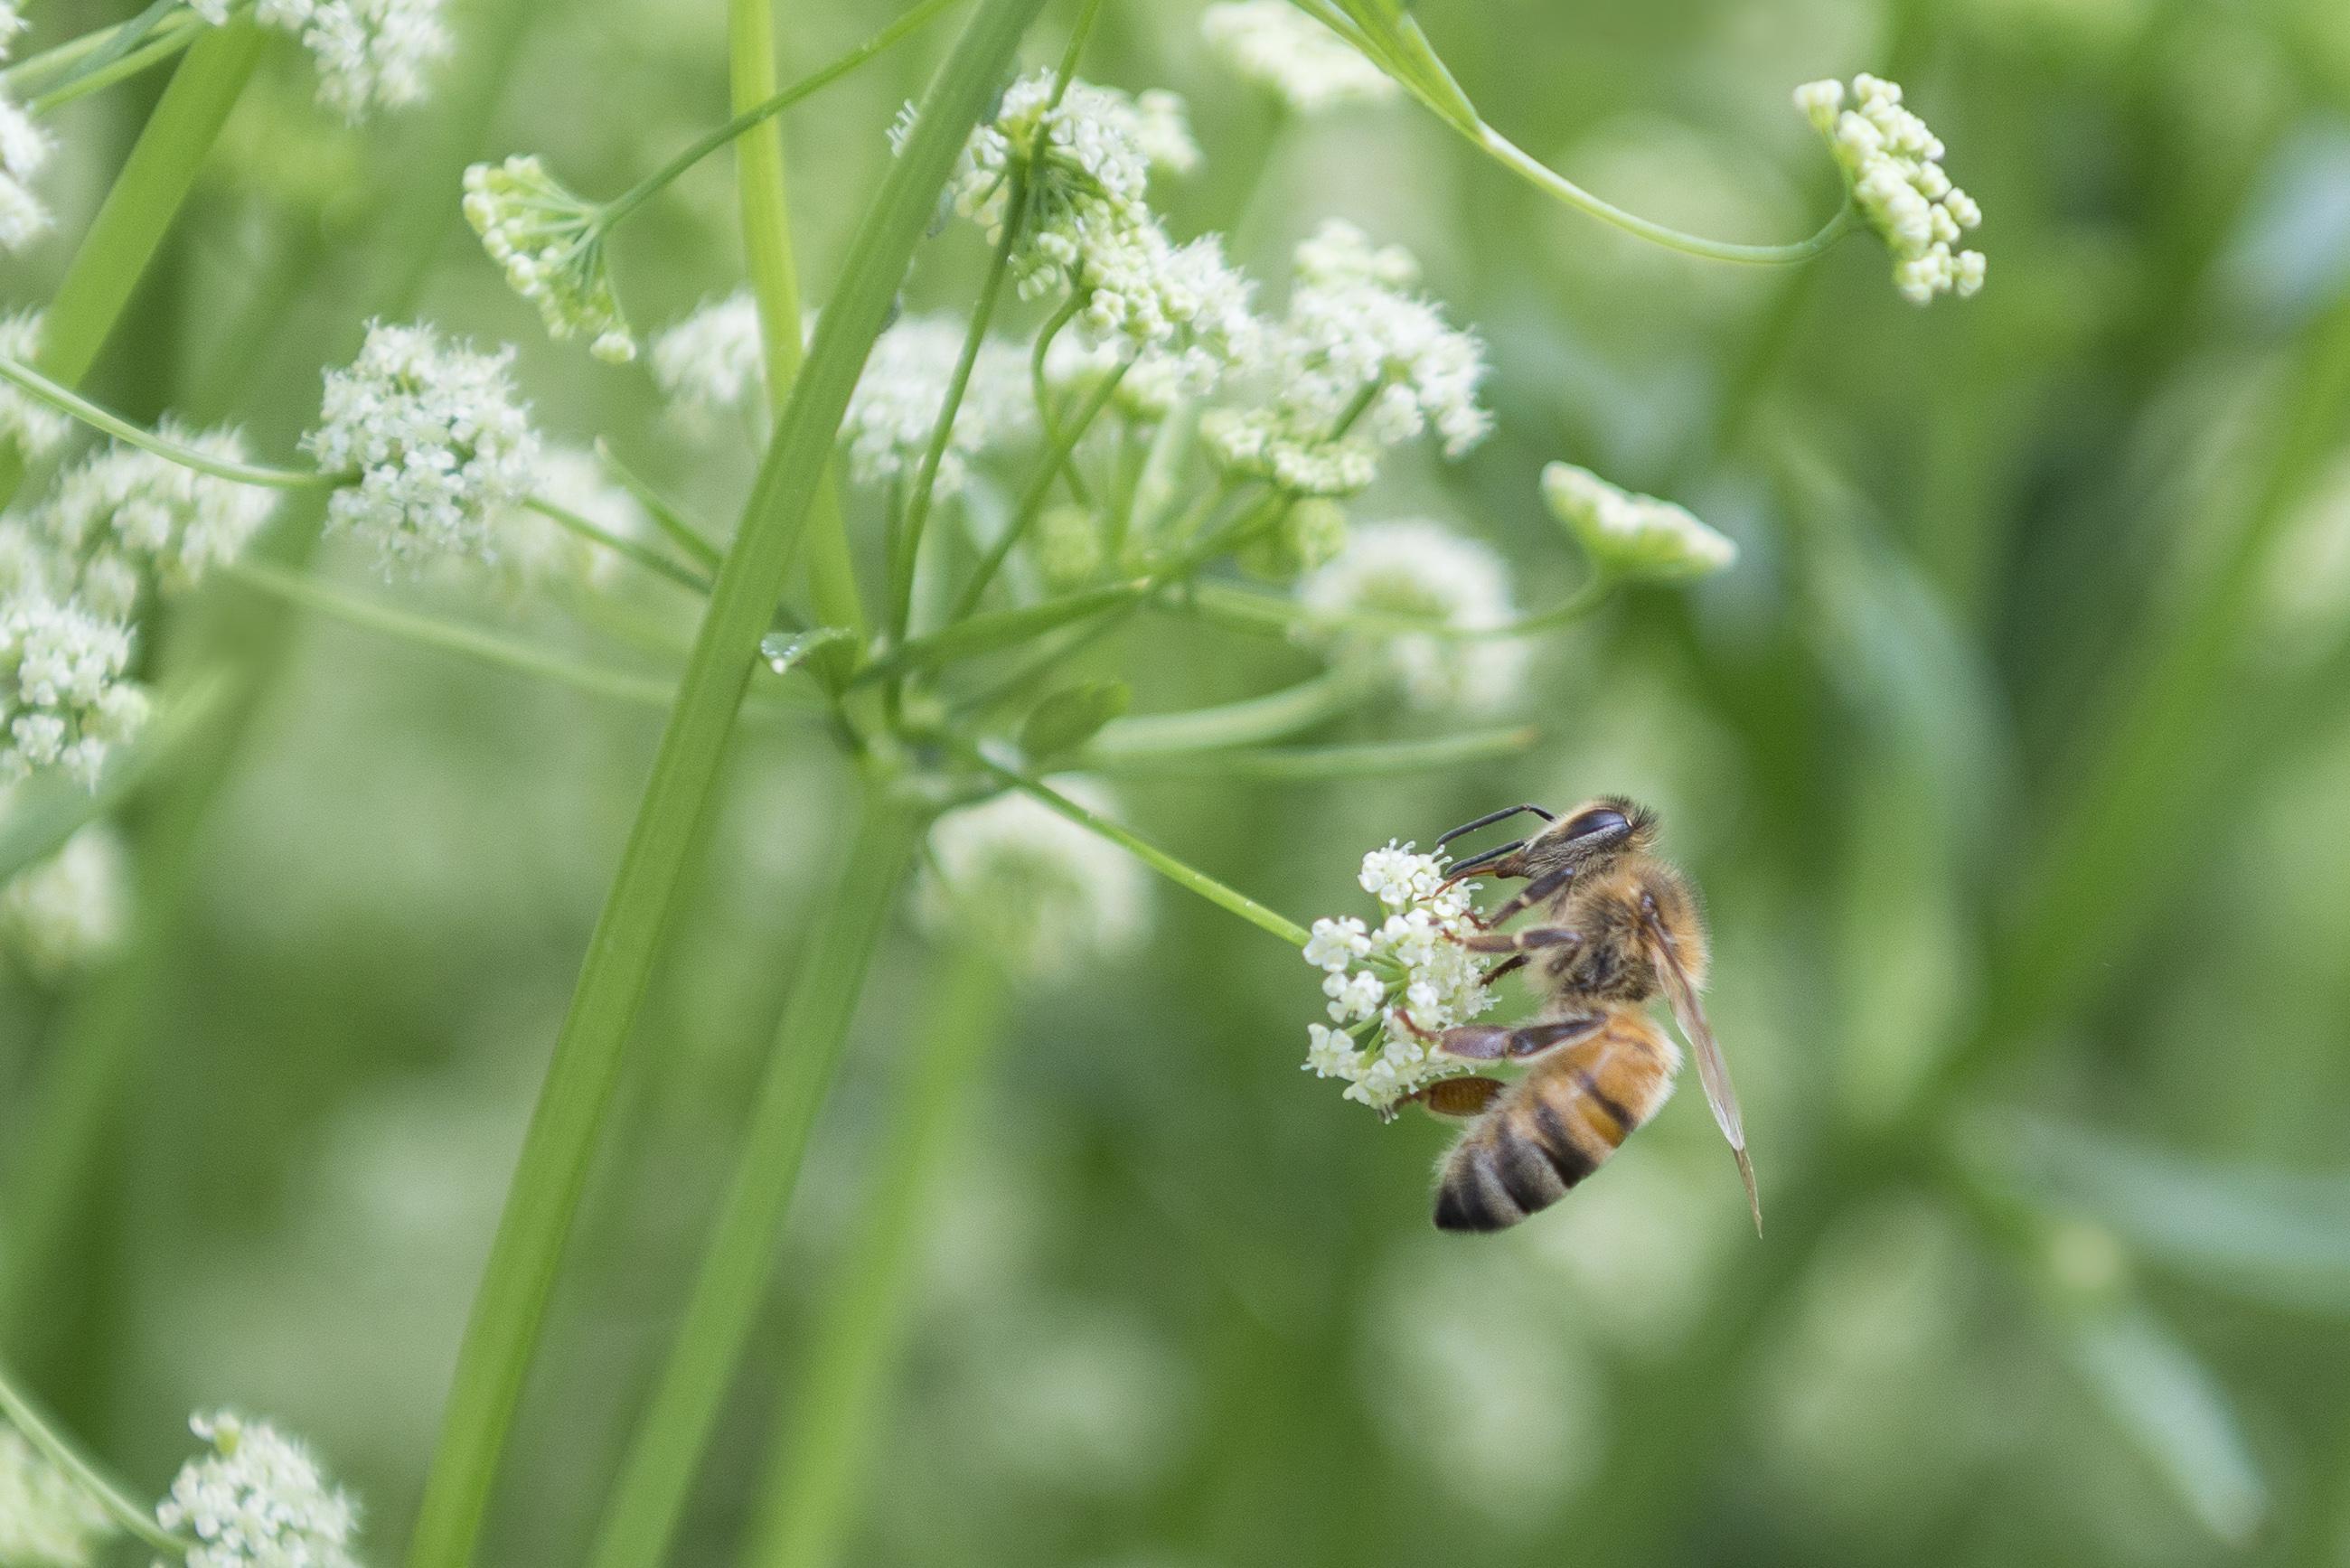 Nauwelijks sterfte onder bijenvolken van groentezaadveredelaar Bejo op waterschapsterreinen in Alkmaar, Warmenhuizen en De Stolpen: 'Bestuivertjes' doen het goed op A-locaties